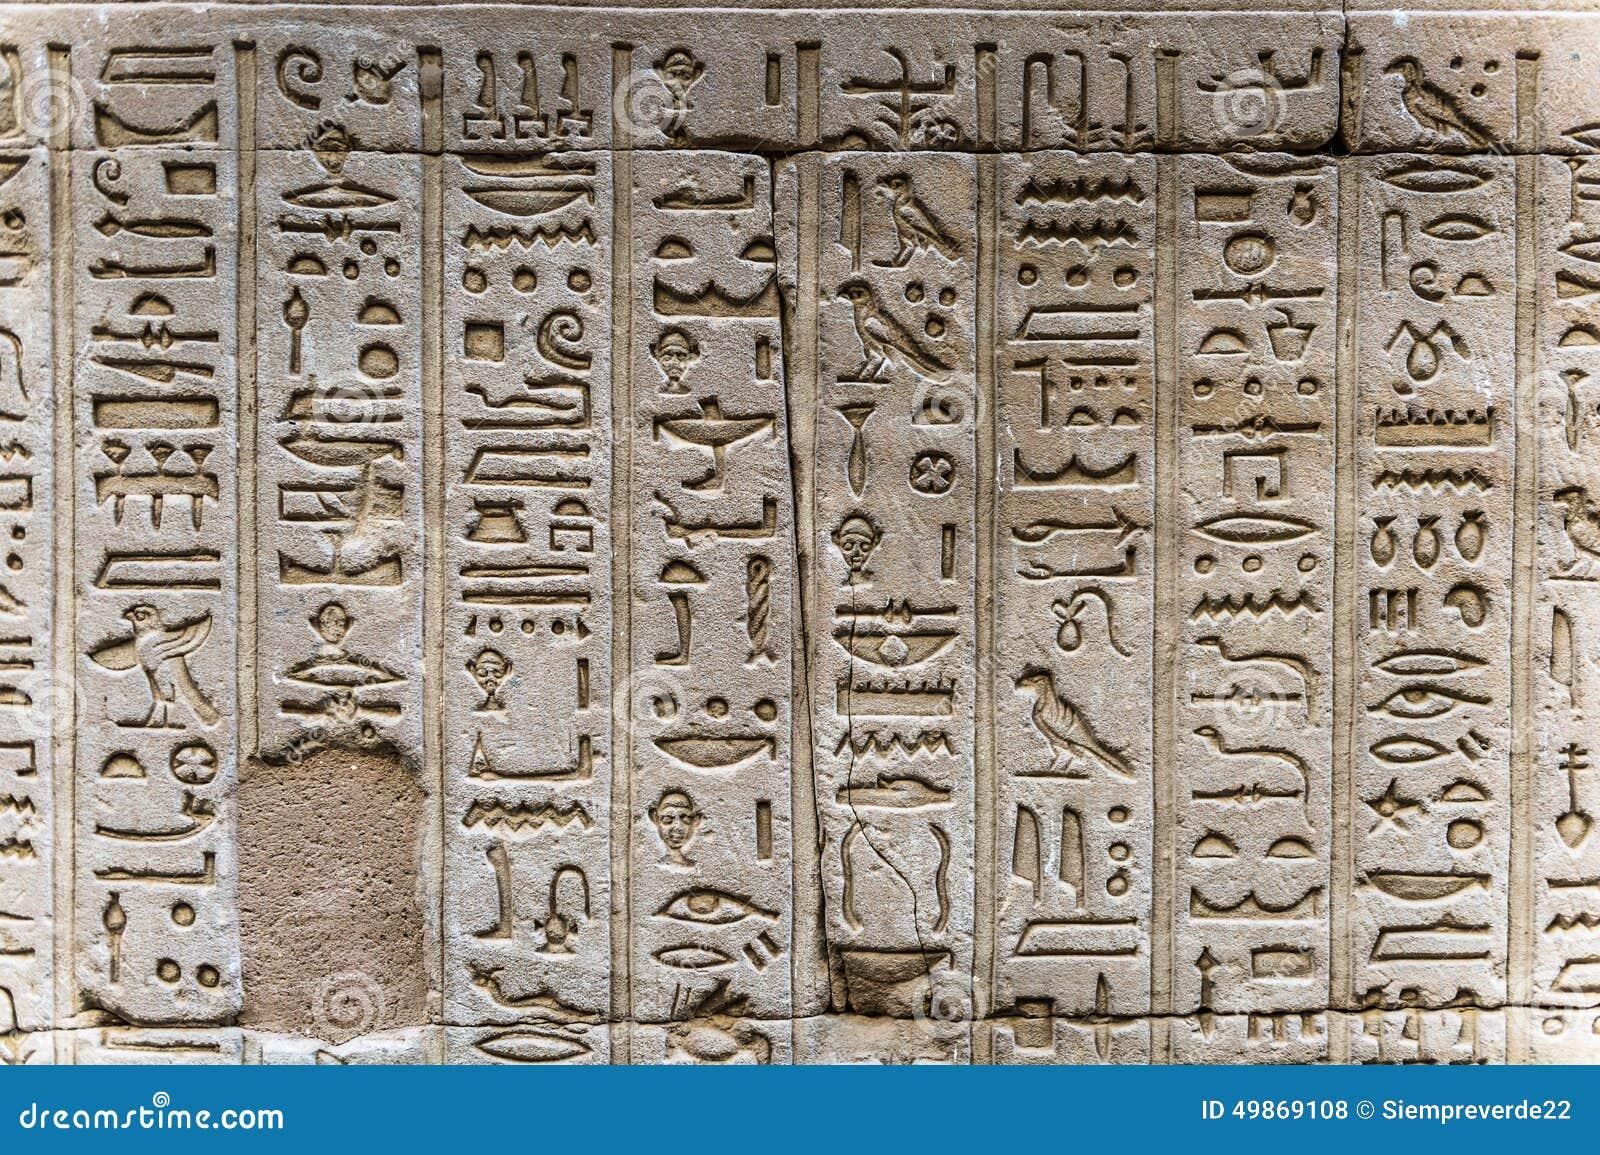 Египетские иероглифы детский праздник детский праздник с дискотекой